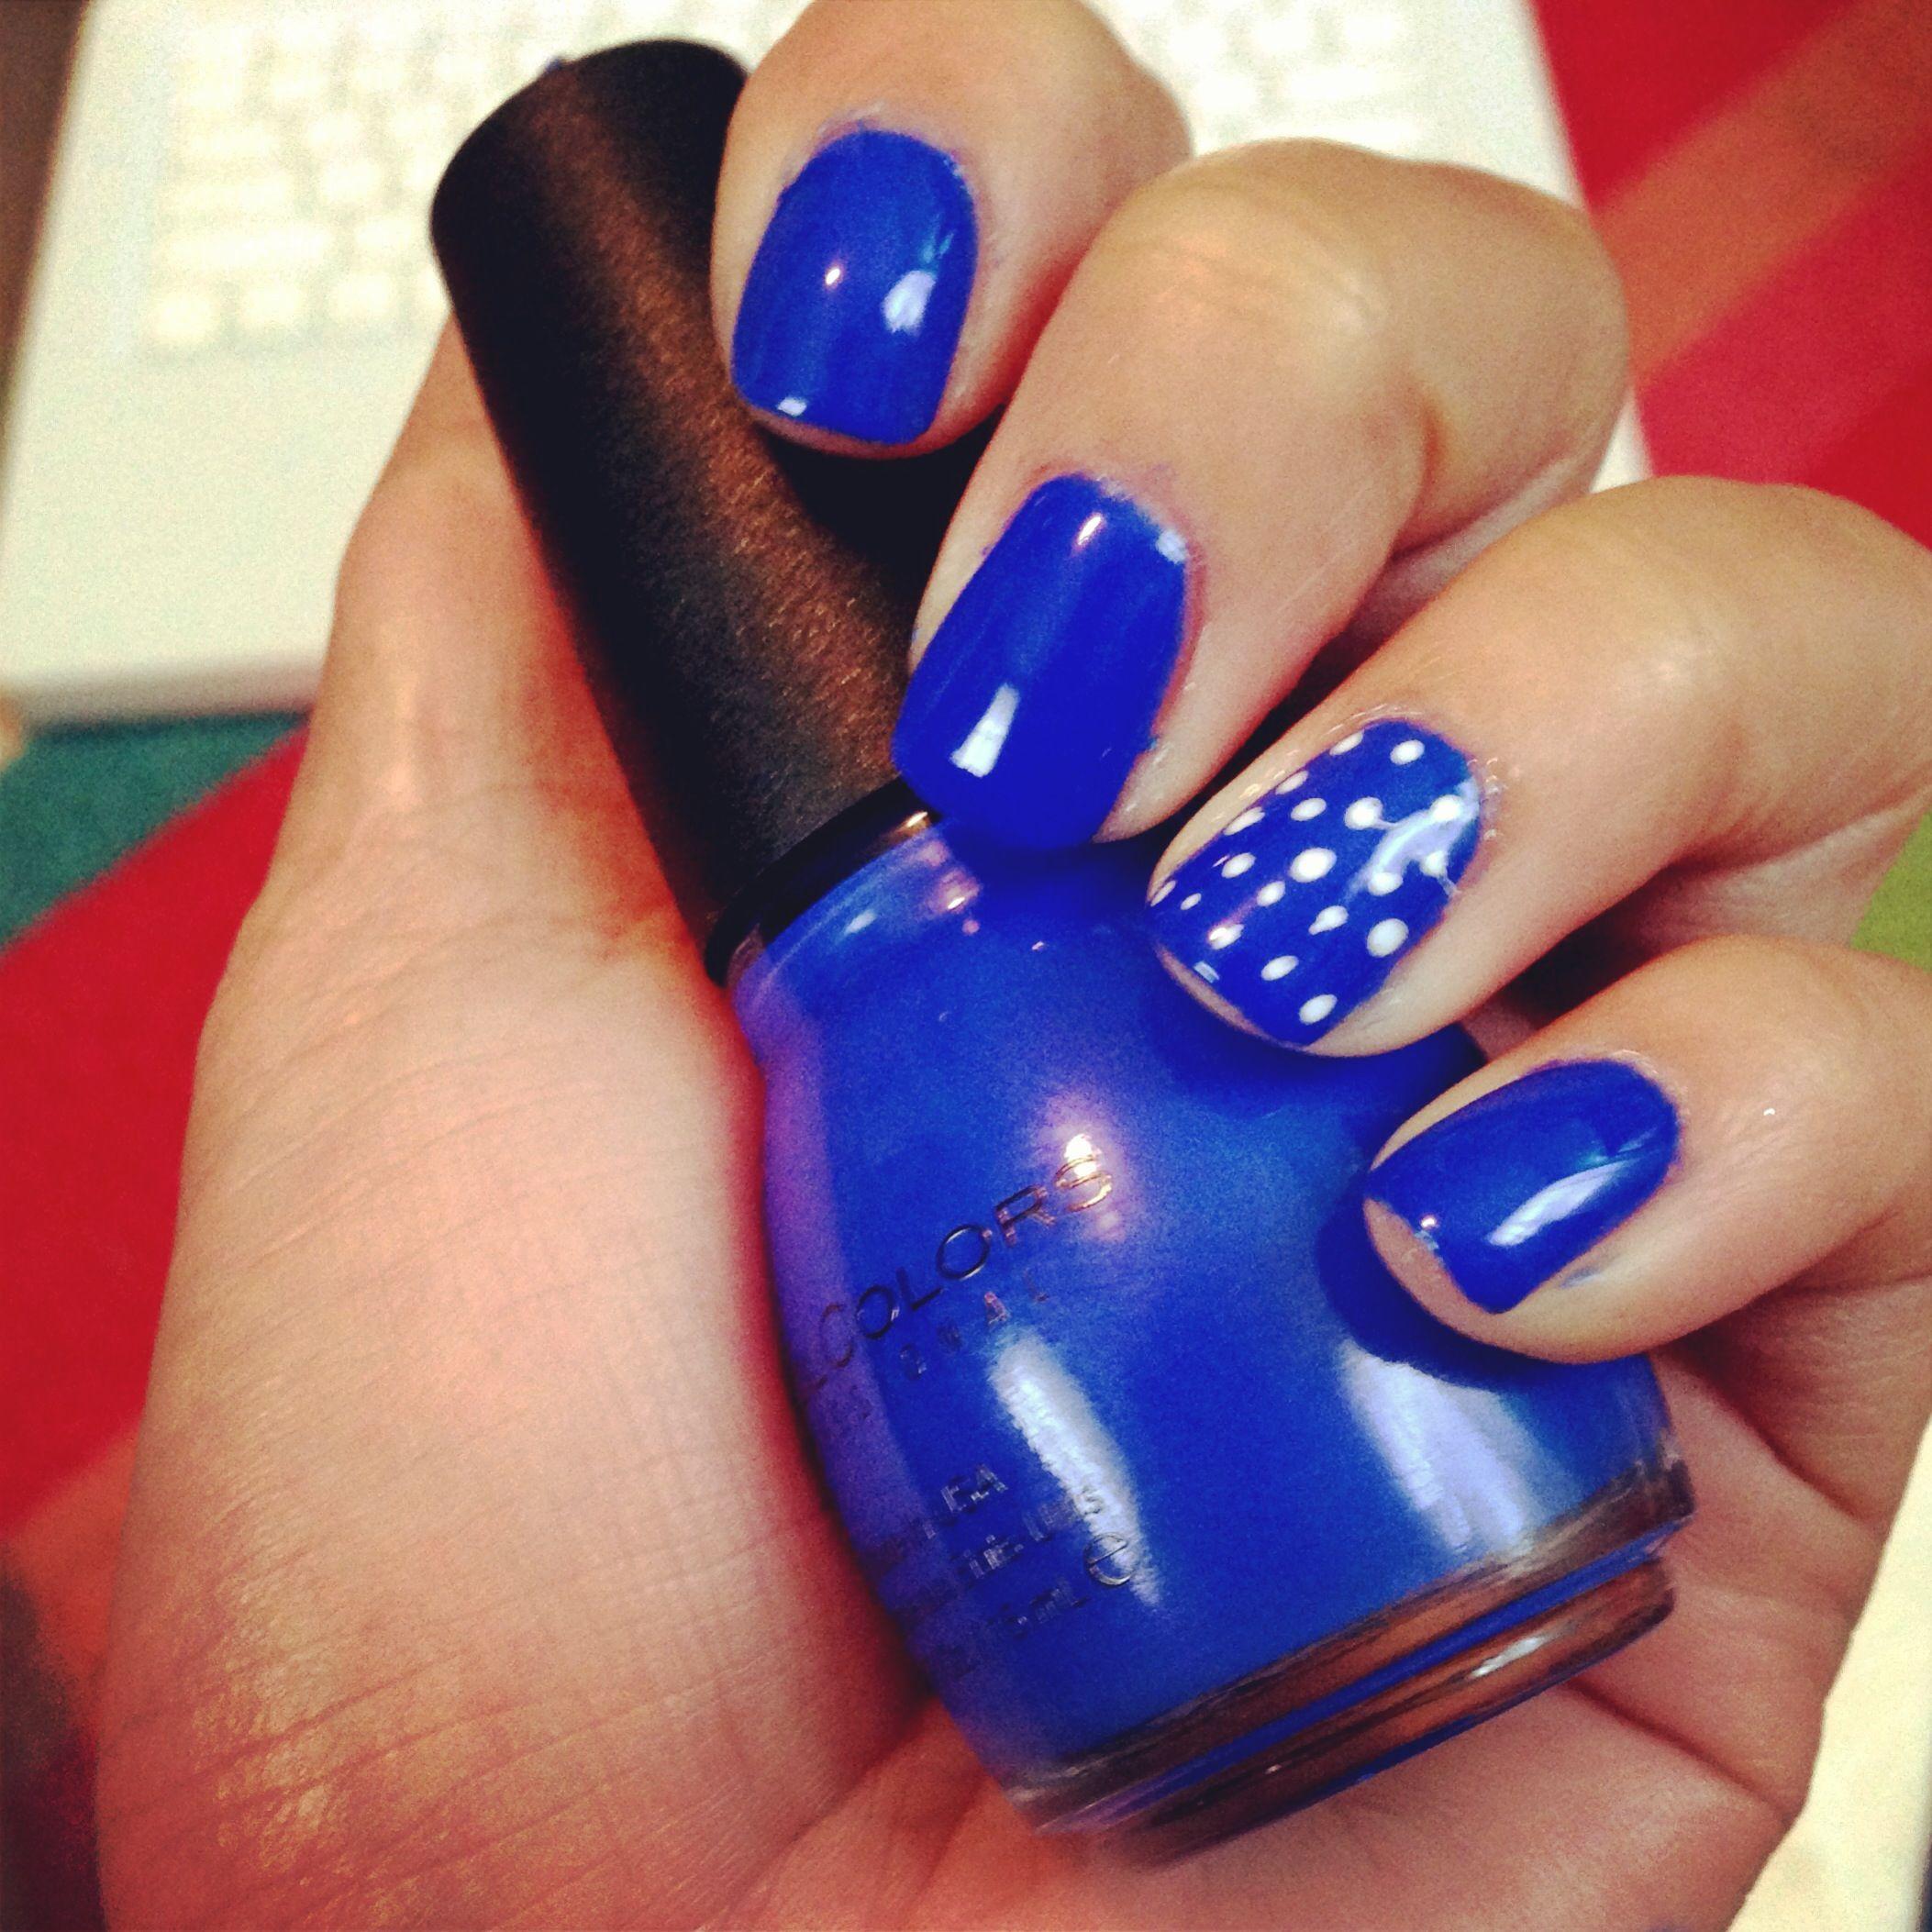 Nail Art Designs Royal Blue: Nail Art. Royal Blue!